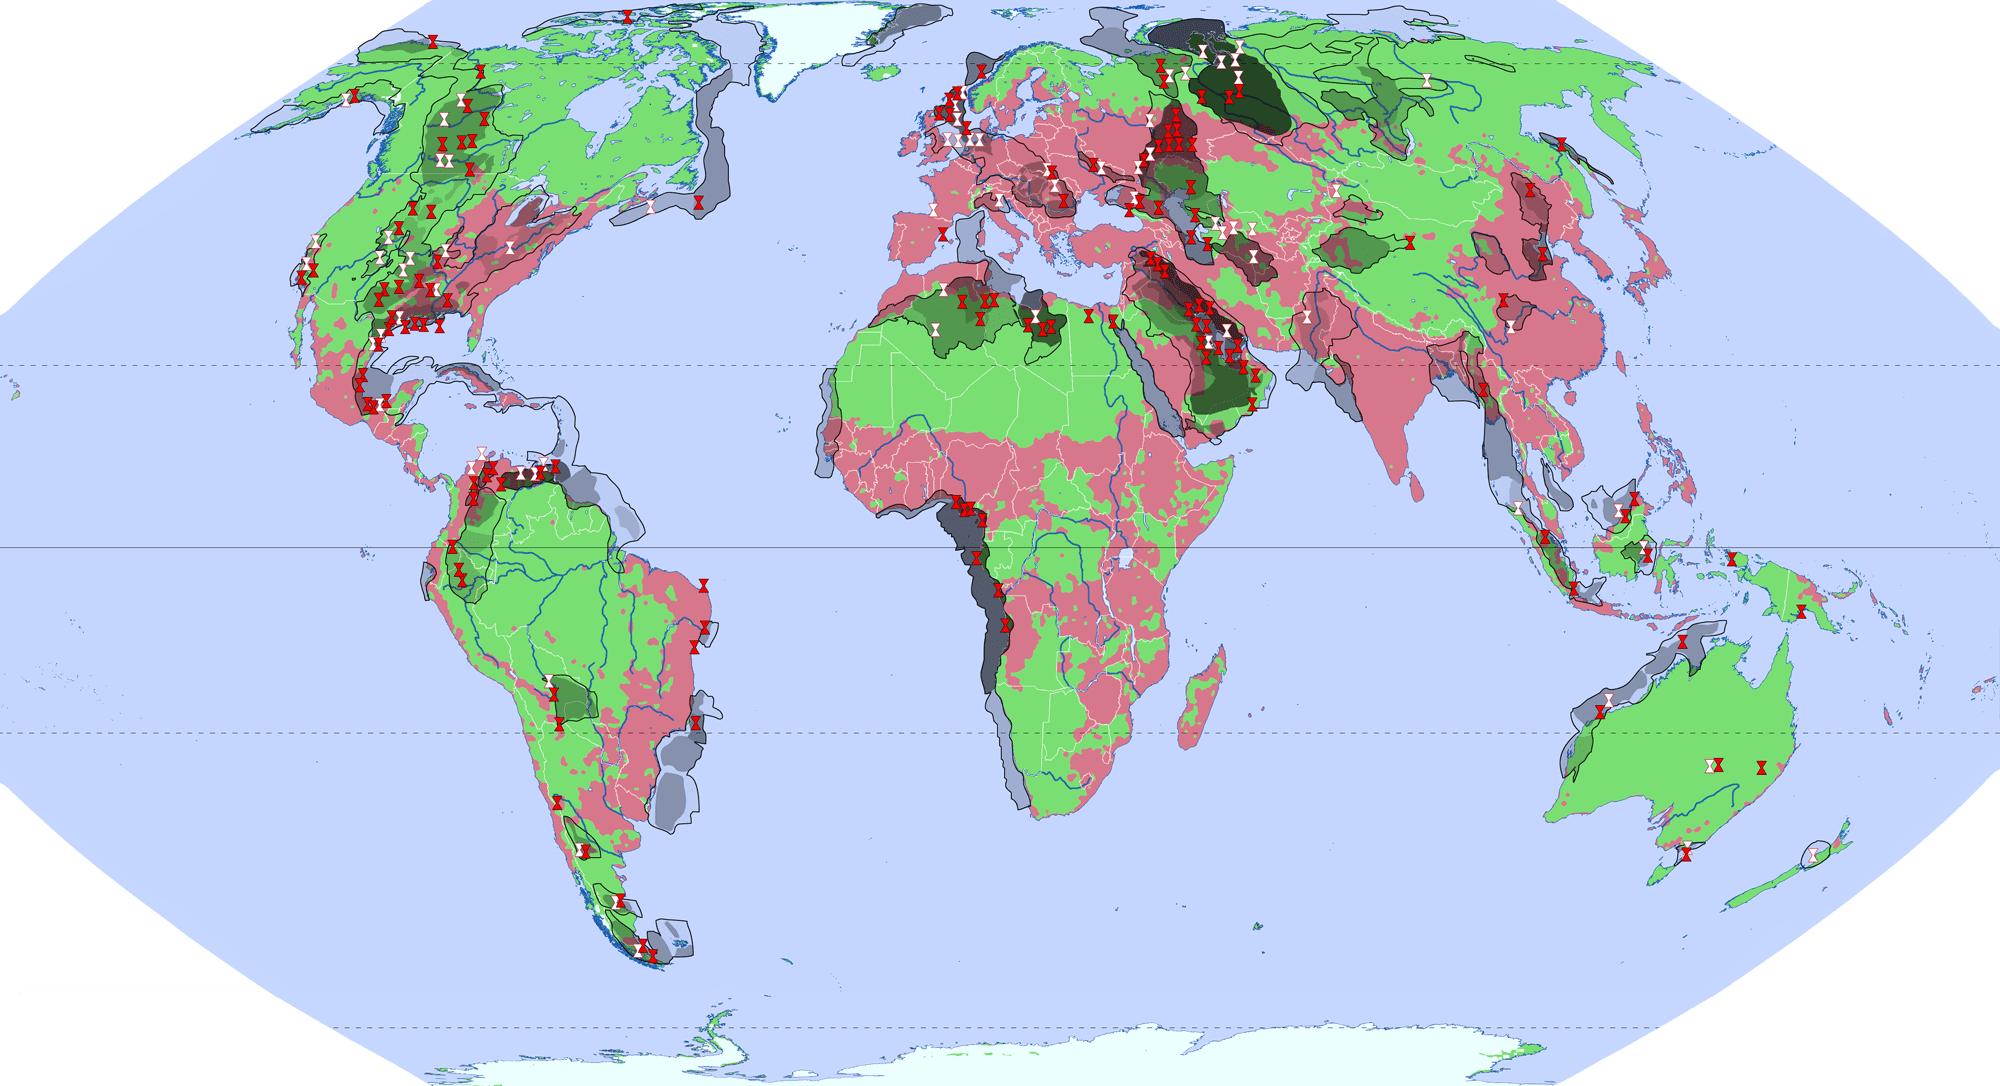 Weltkarte_konventionelle_Öl_u._-Gasförderung